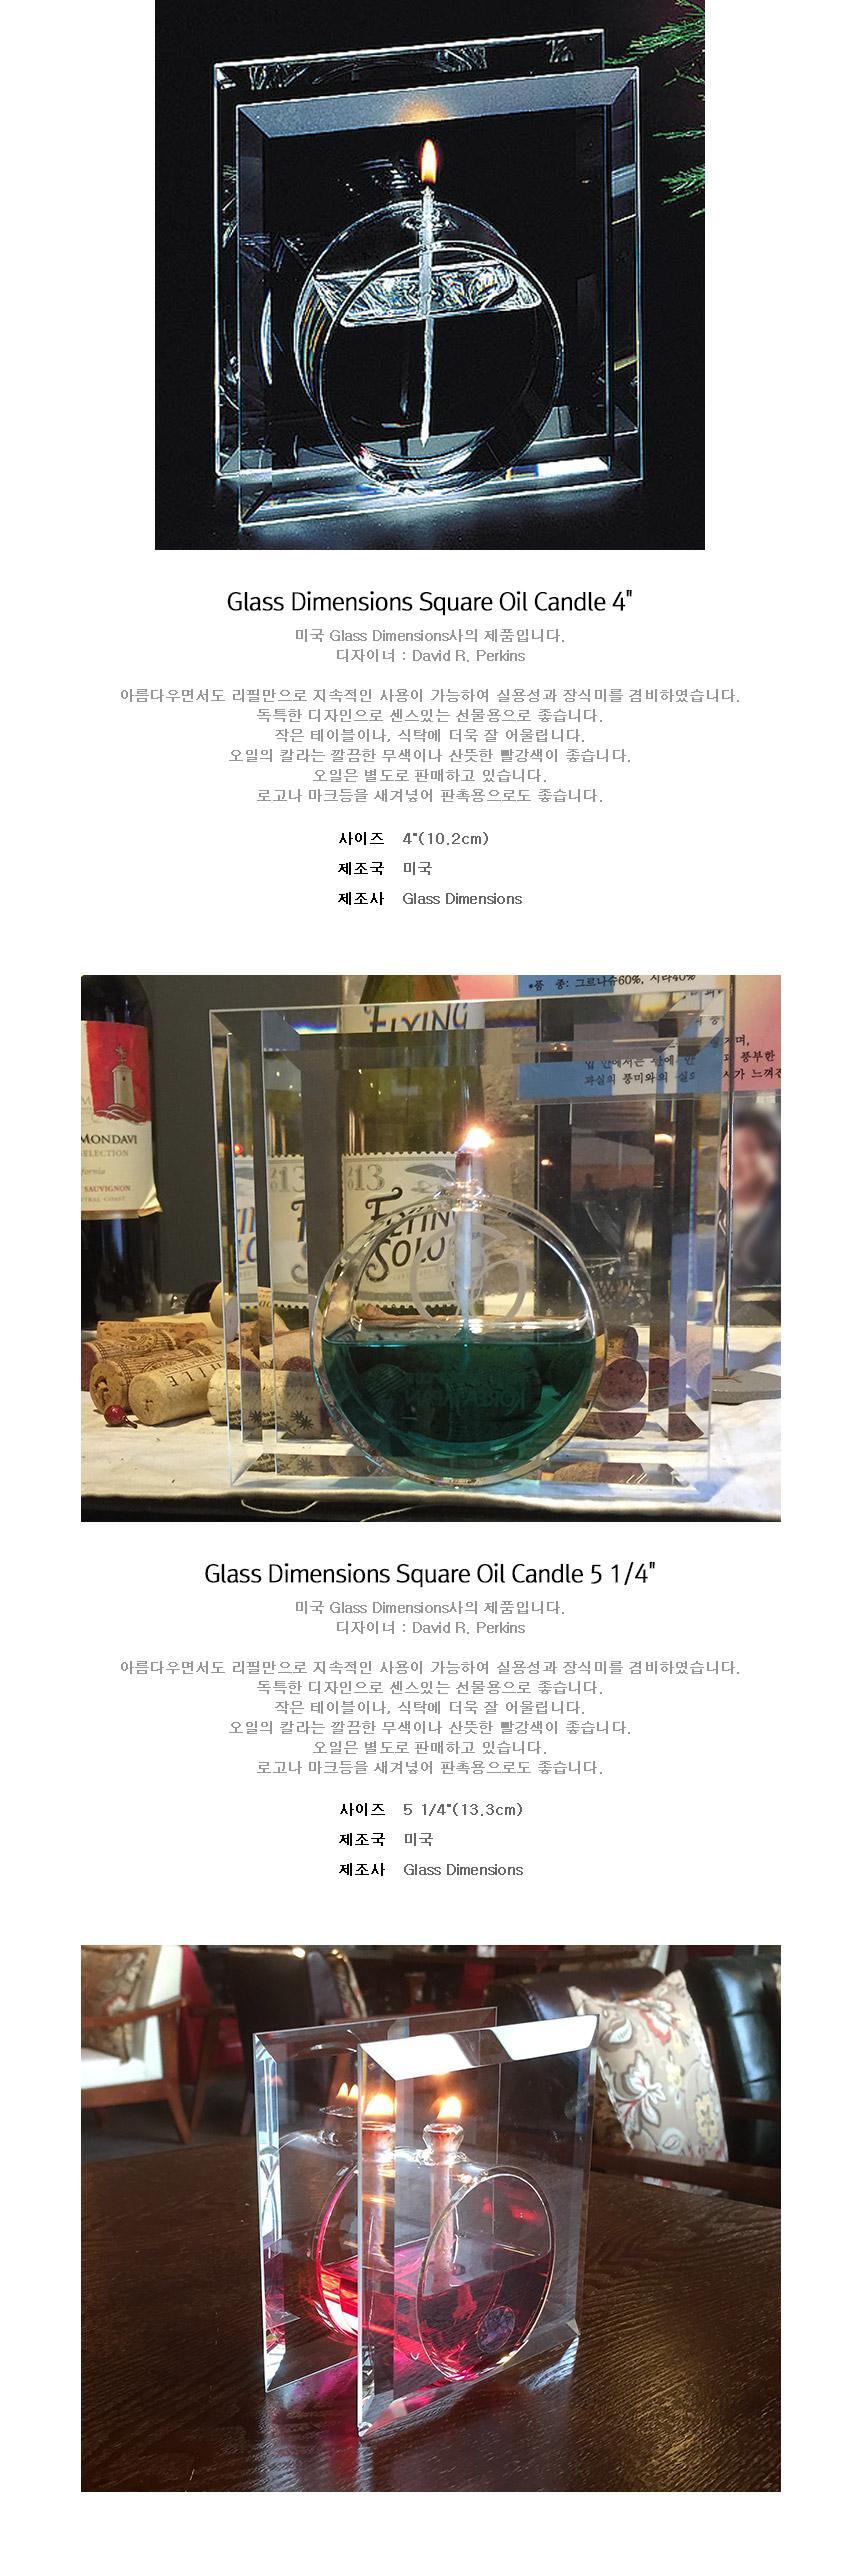 램프플러스 Glass Dimensions Square Oil Candle